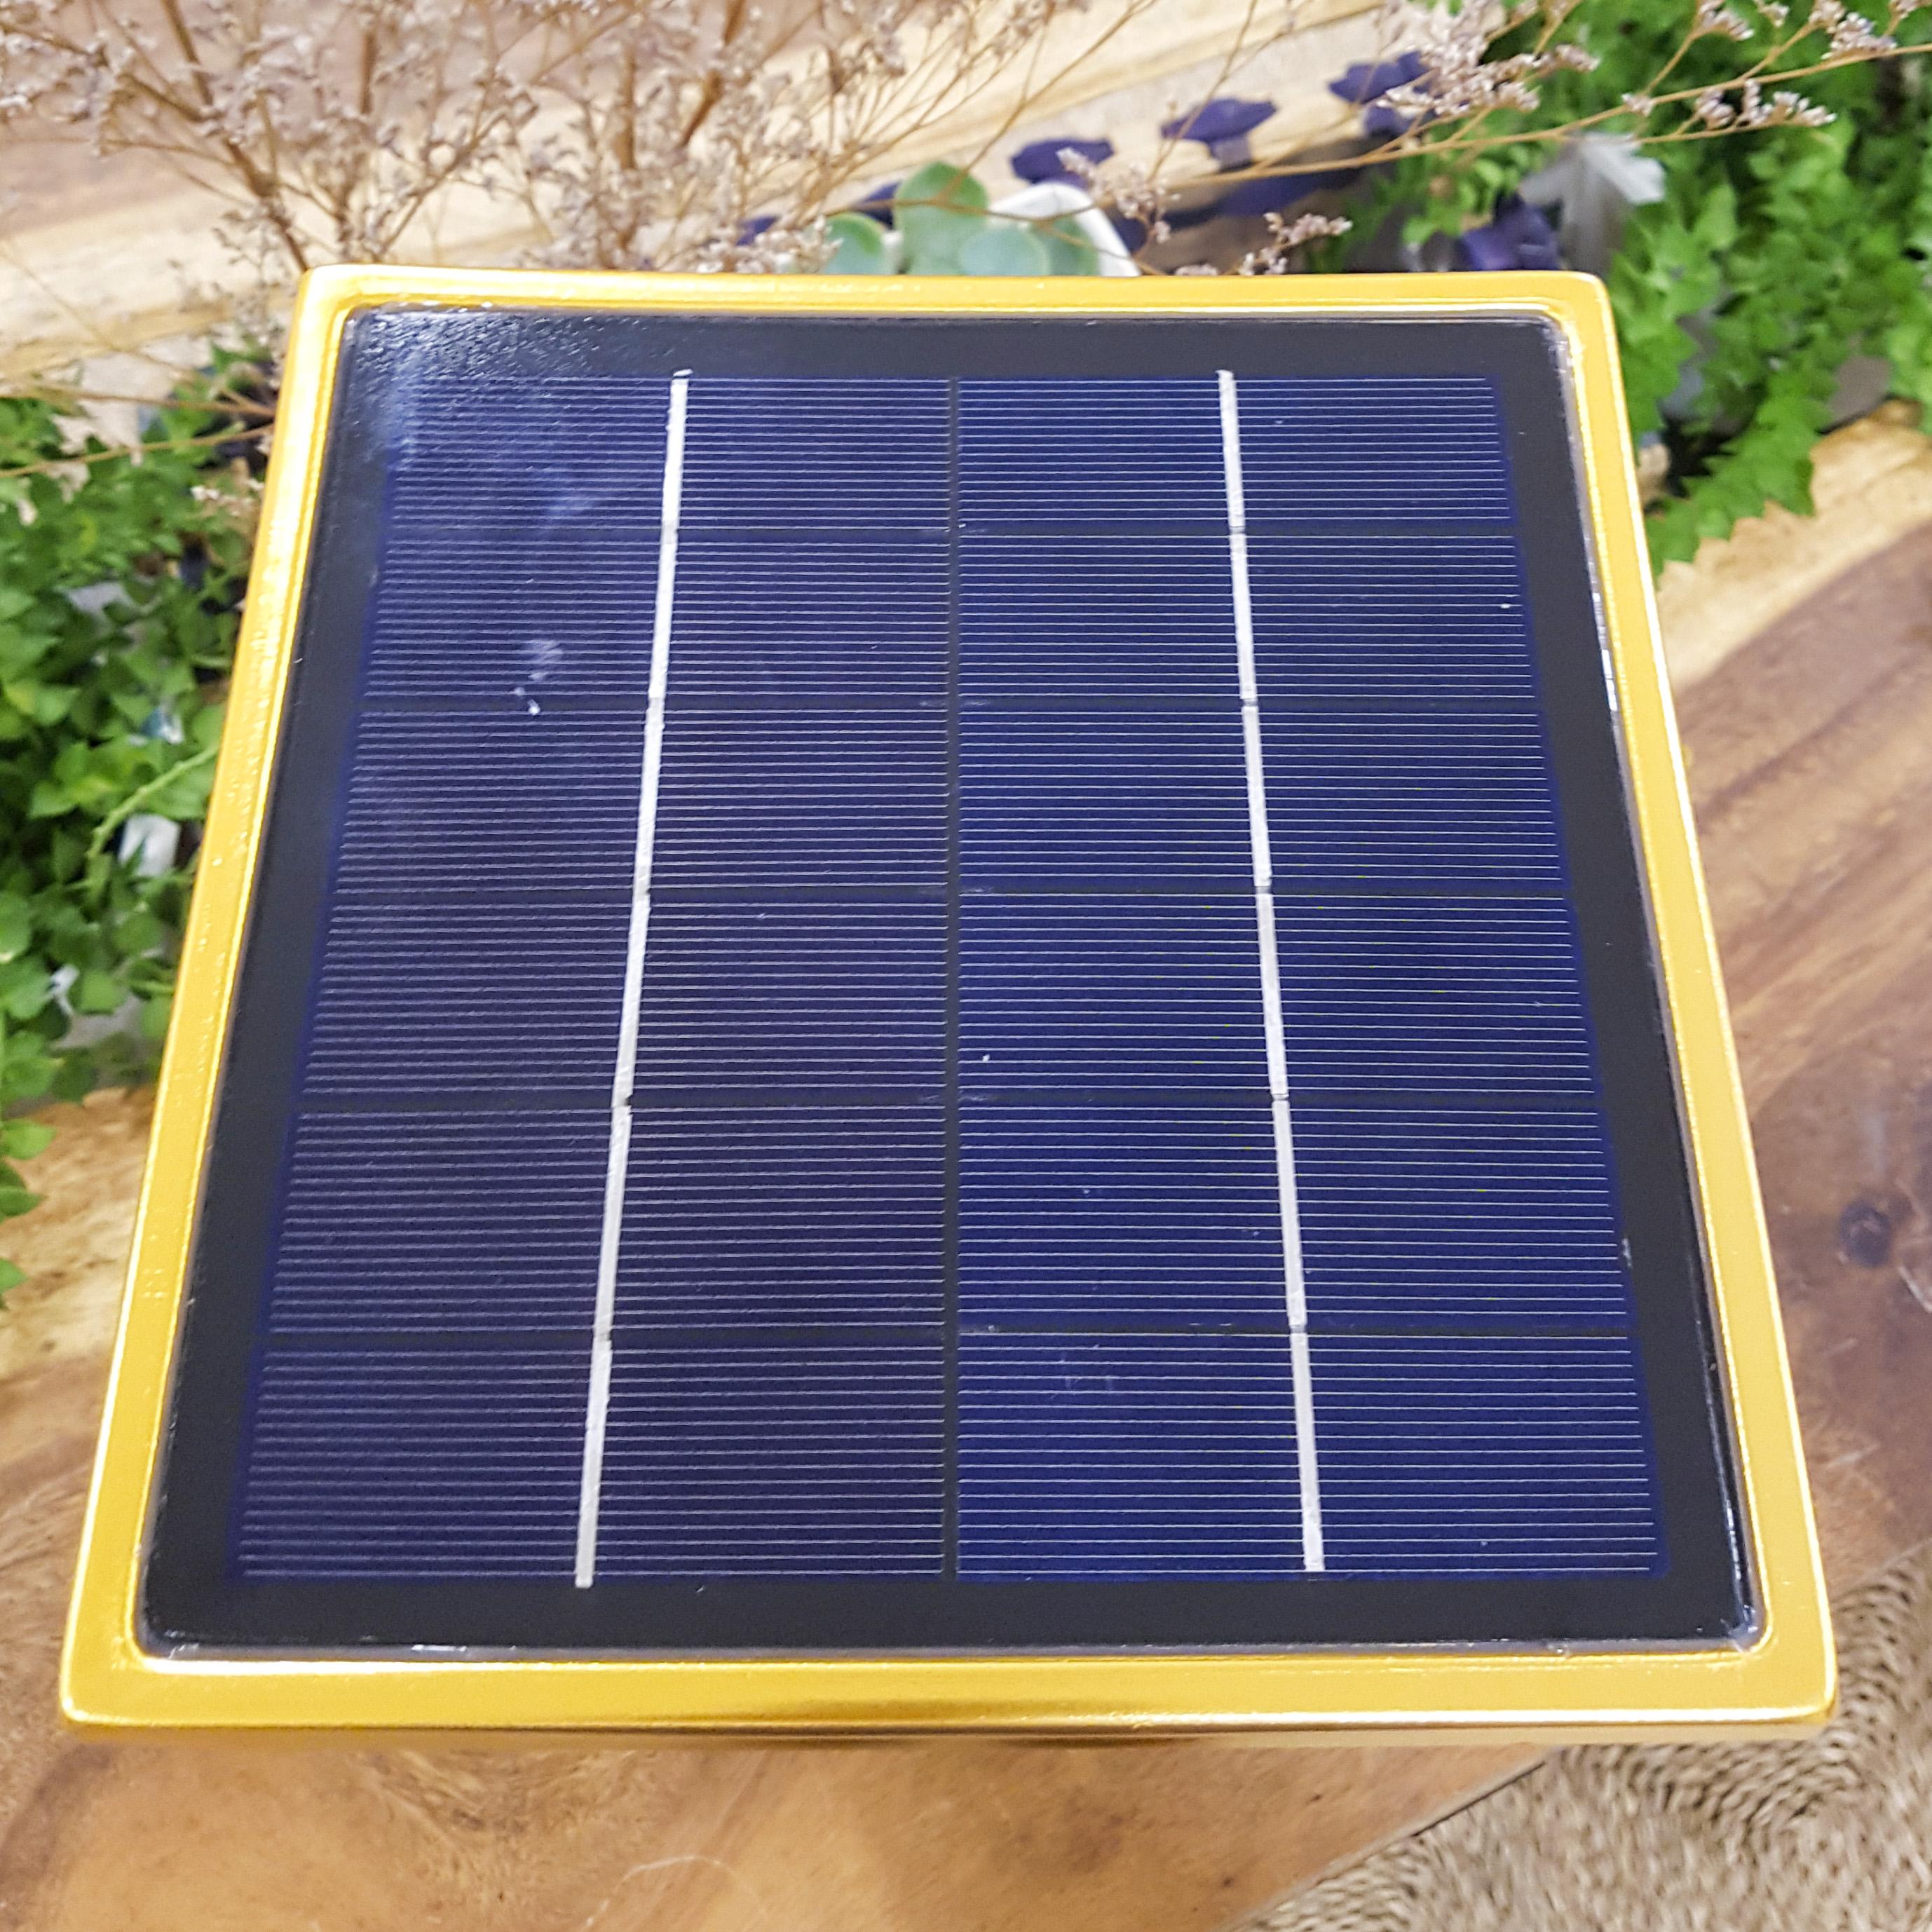 Đèn trụ sân vườn năng lượng mặt trời GIVASOLAR GV-GDL212